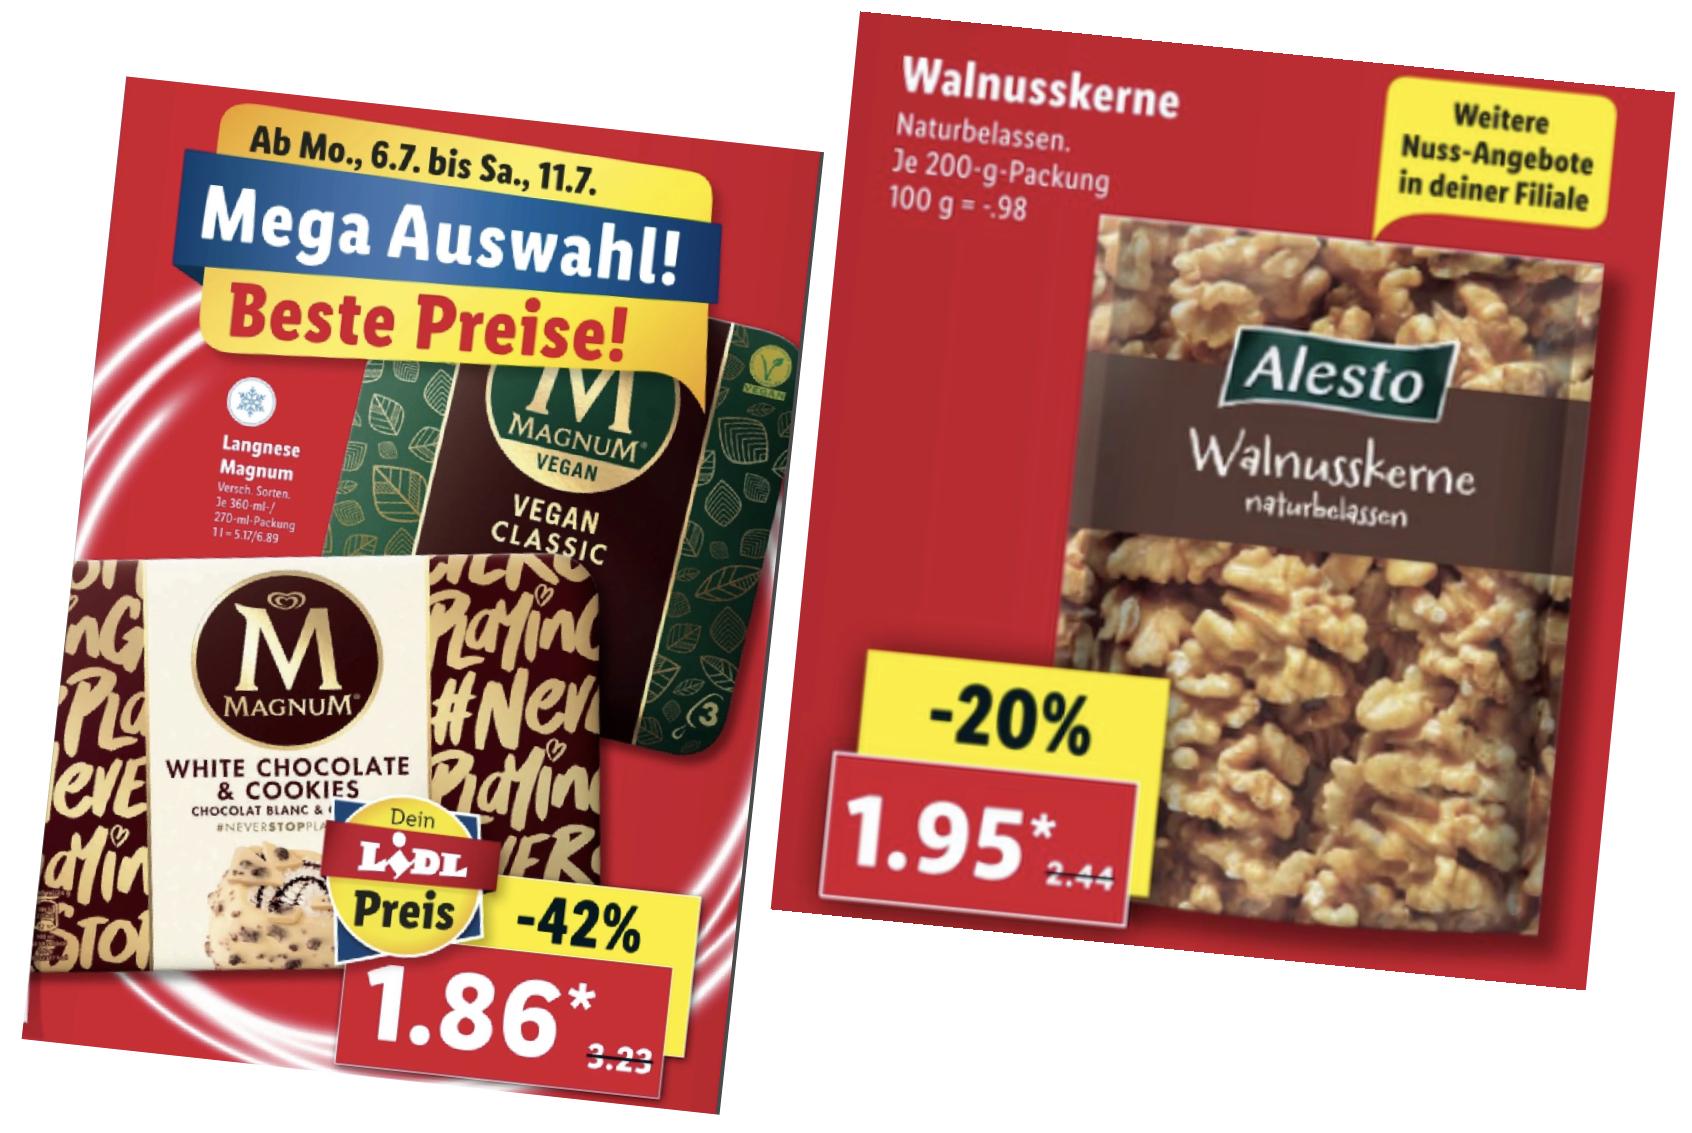 Walnusskerne für 1,95€ statt 2,44€ / TABASCO Red Pepper Sauce 60ml Flasche für 1,86€ / Magnum u.a. VEGAN Classic für 1,86€ statt 3,29€